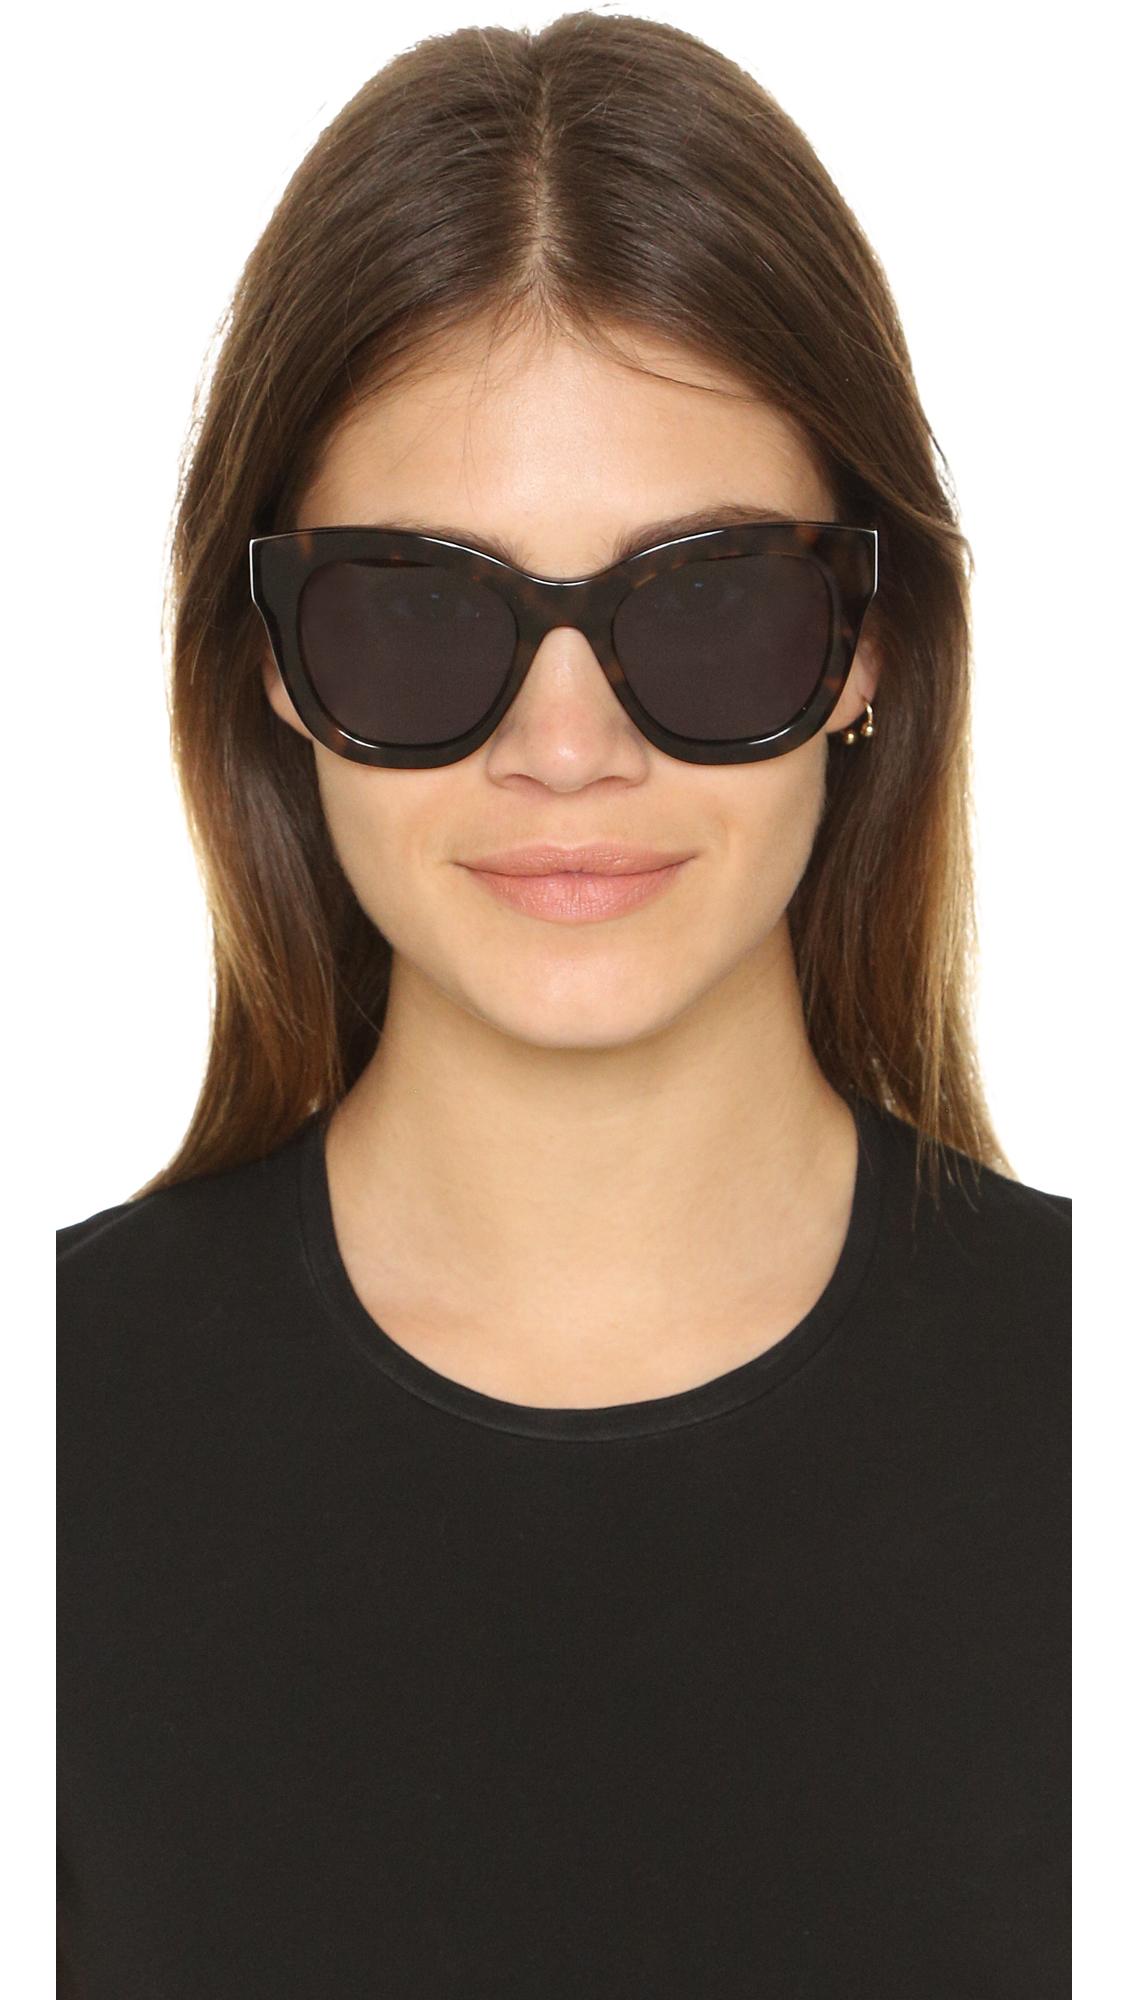 lyst elizabeth and james bryant sunglasses in black. Black Bedroom Furniture Sets. Home Design Ideas